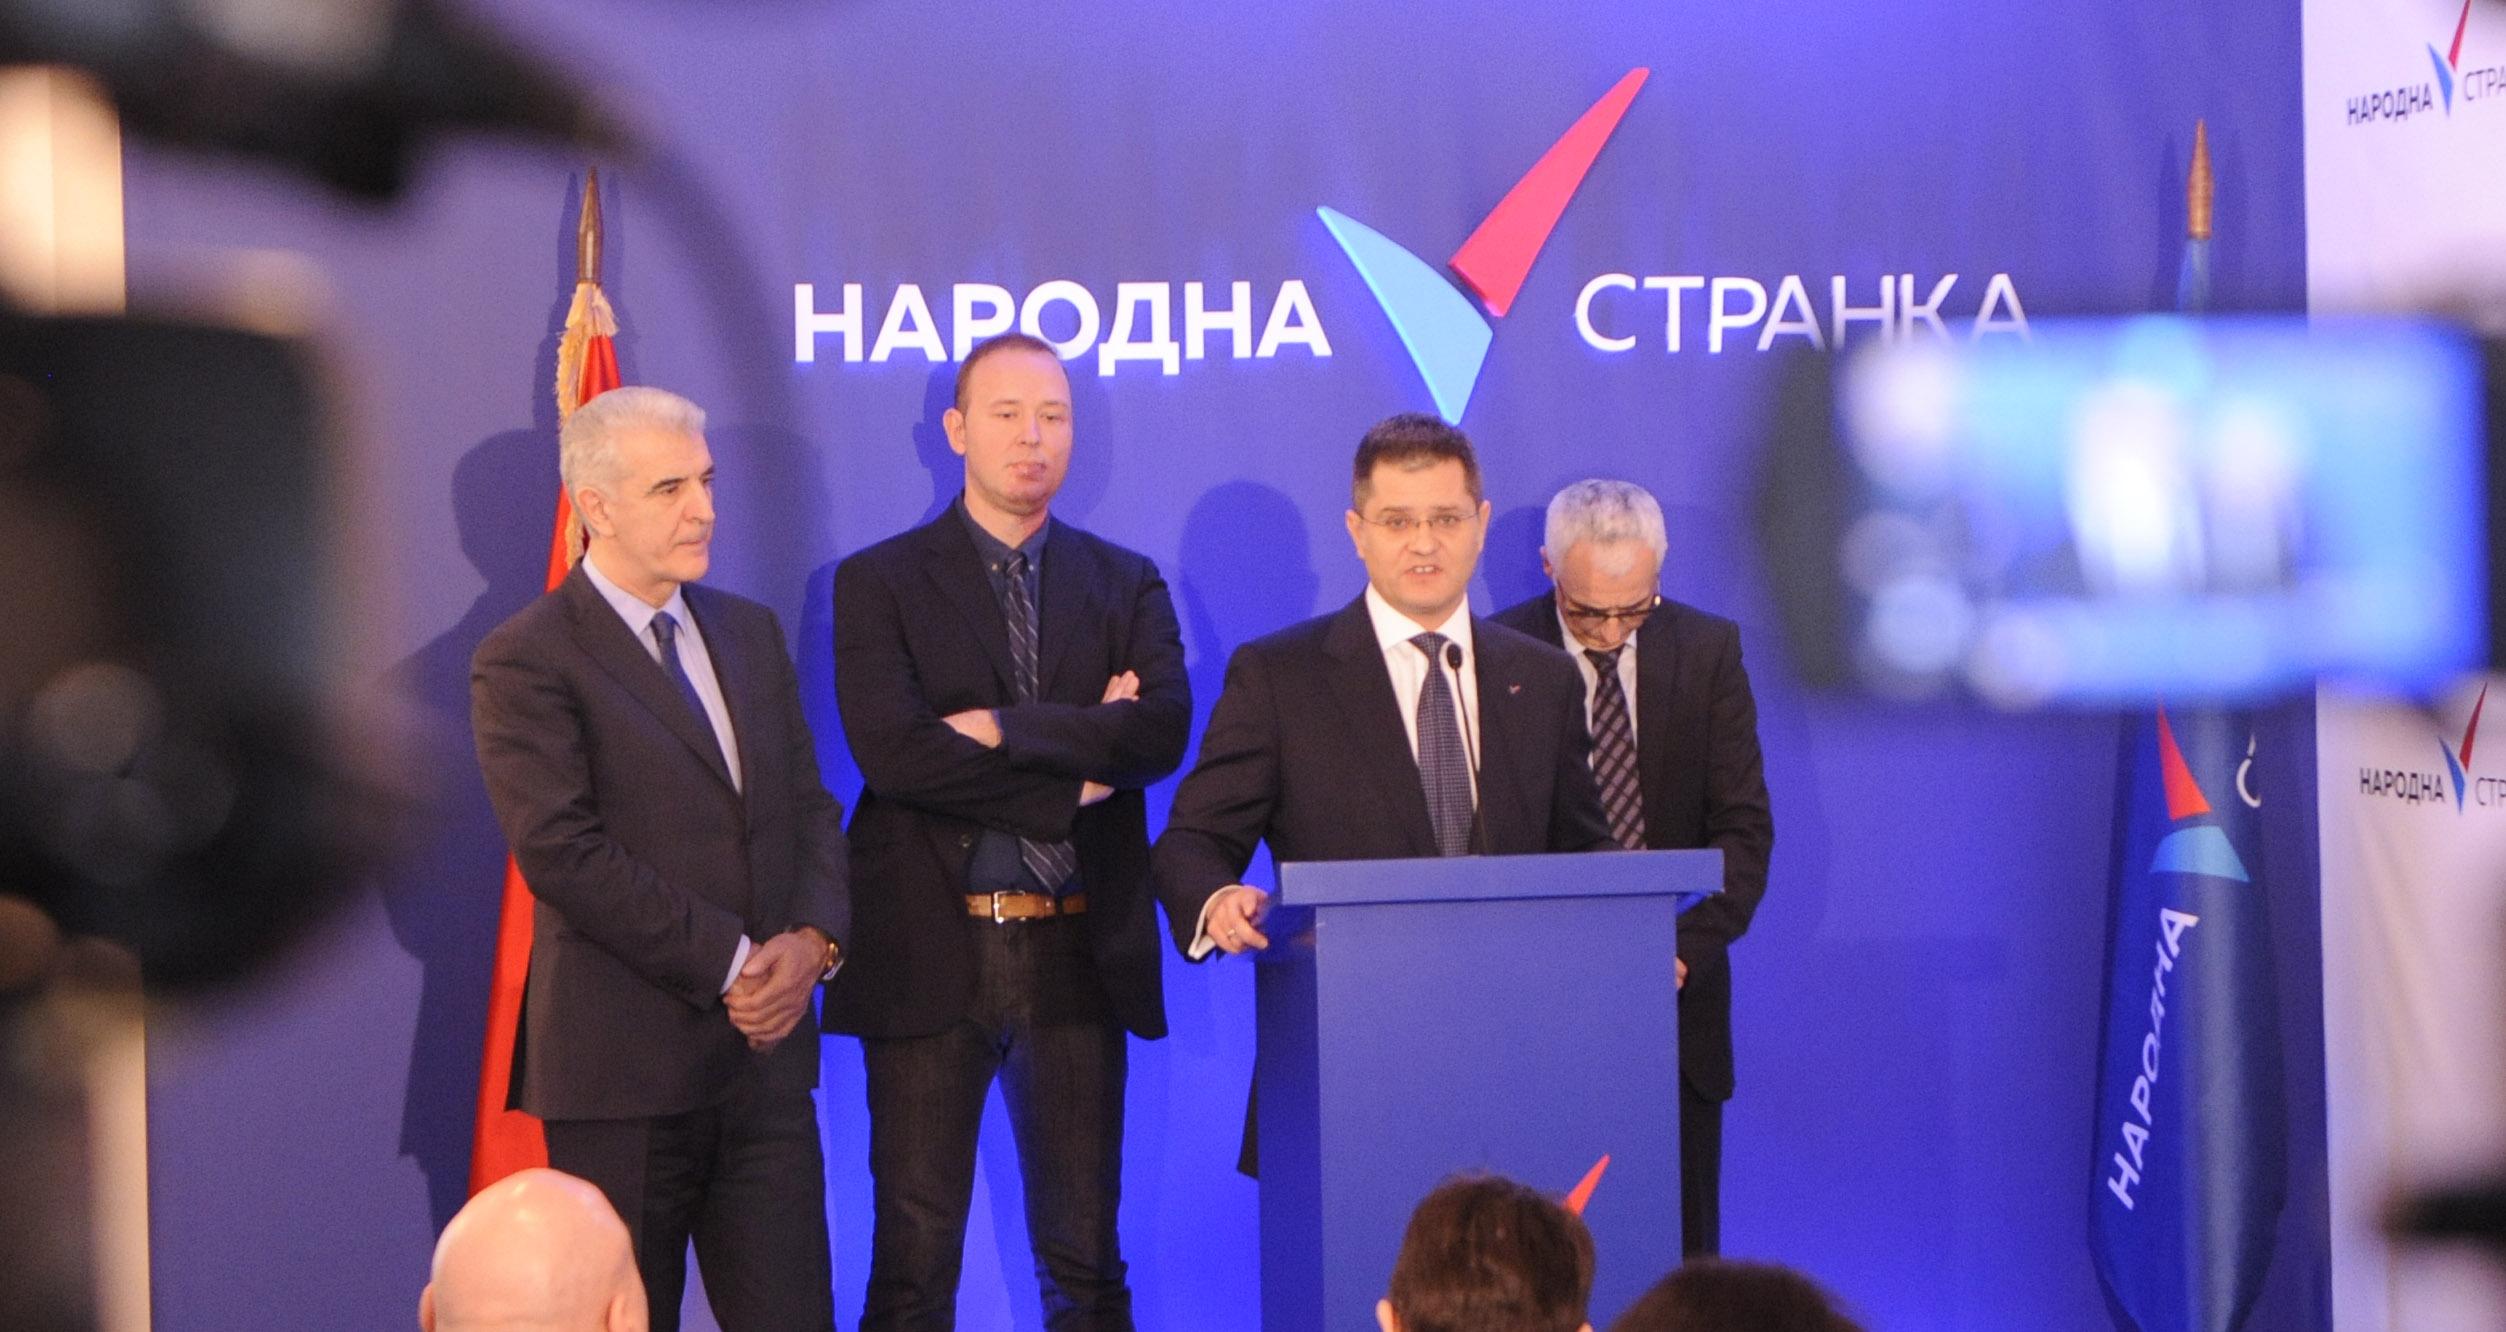 Народна странка: Устав Србије да промени Уставотворна скупштина